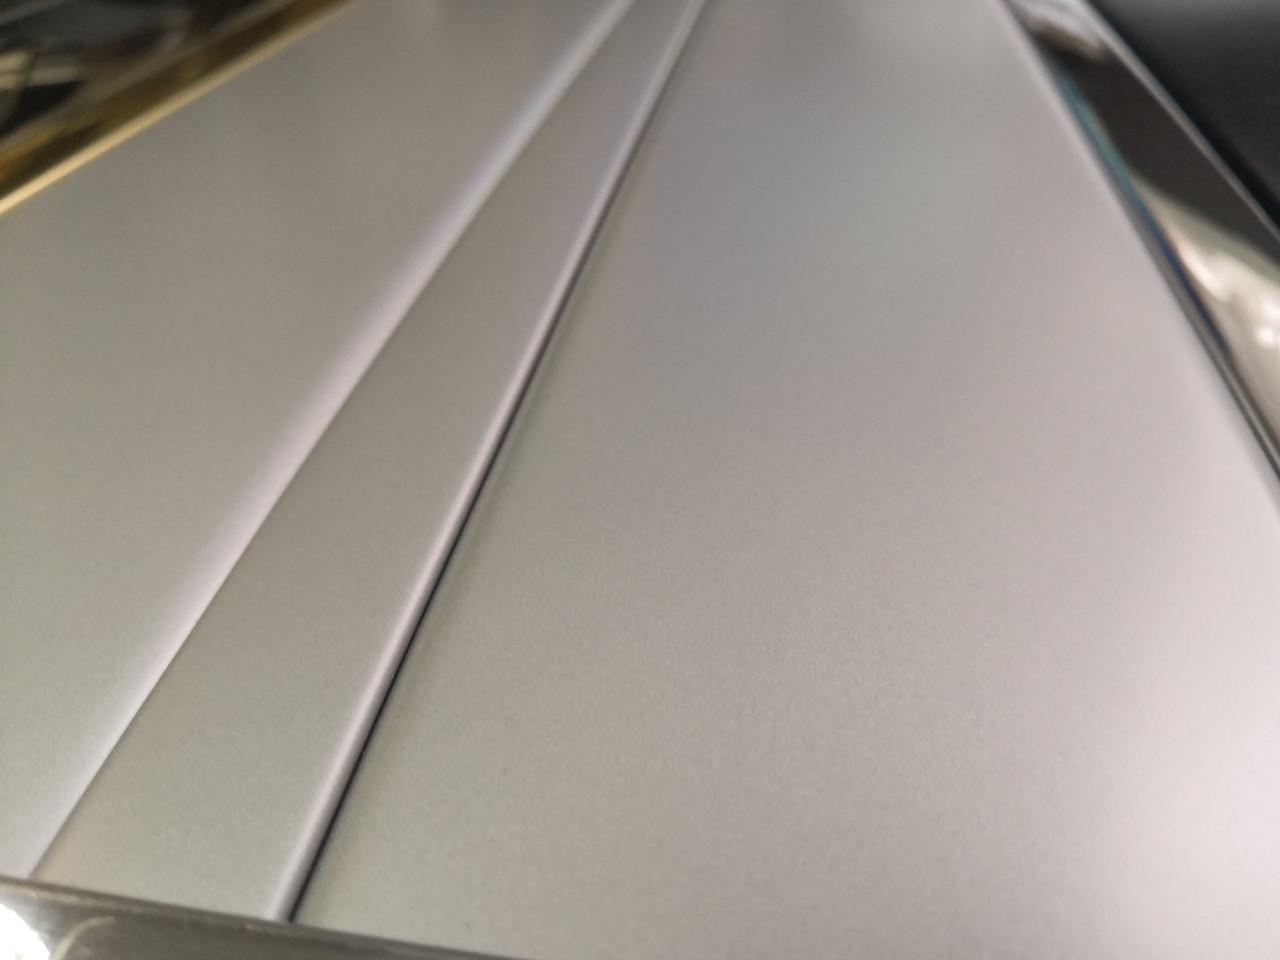 Реечный алюминиевый потолок Allux серебро металлик комплект 90 см х 160 см